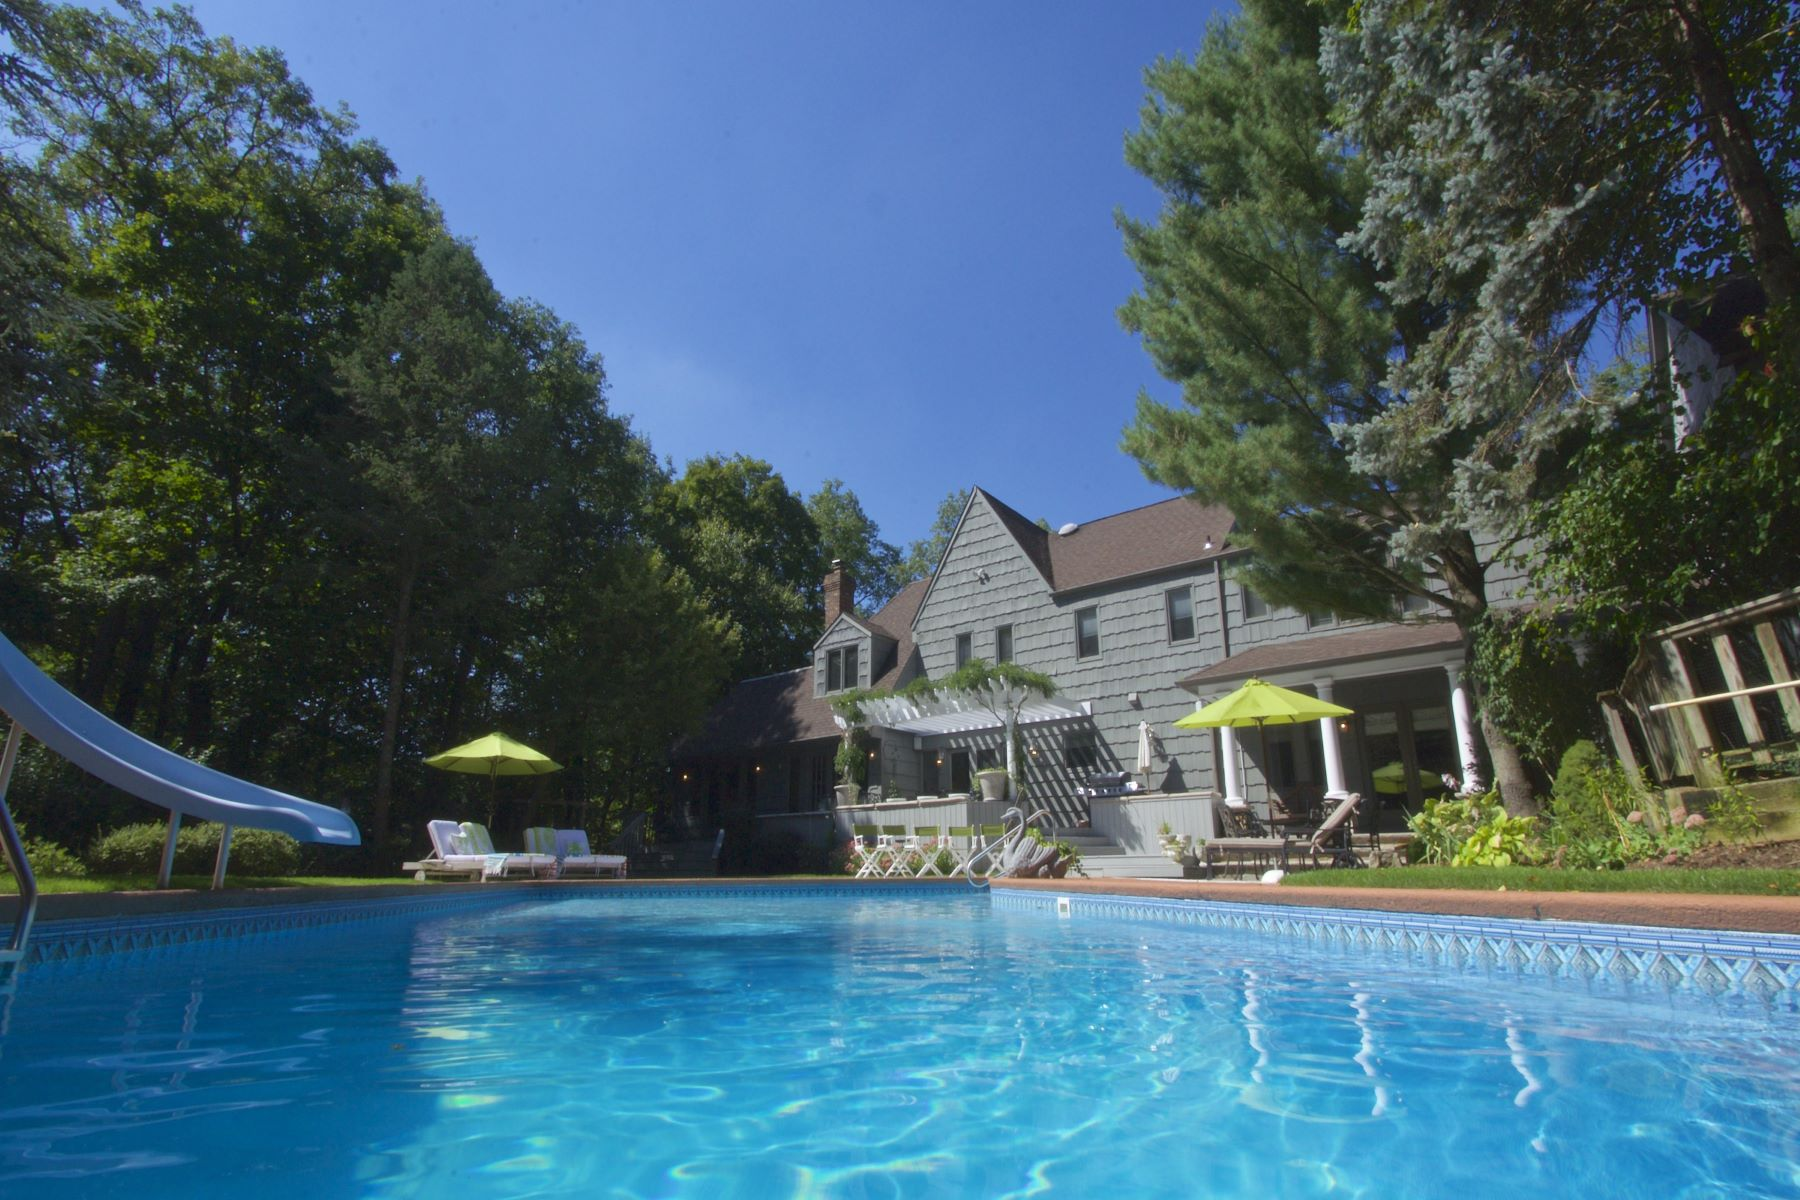 Maison unifamiliale pour l Vente à Impeccably Presented English Manor Style. 6 India Brook Drive Mendham Township, New Jersey, 07945 États-Unis